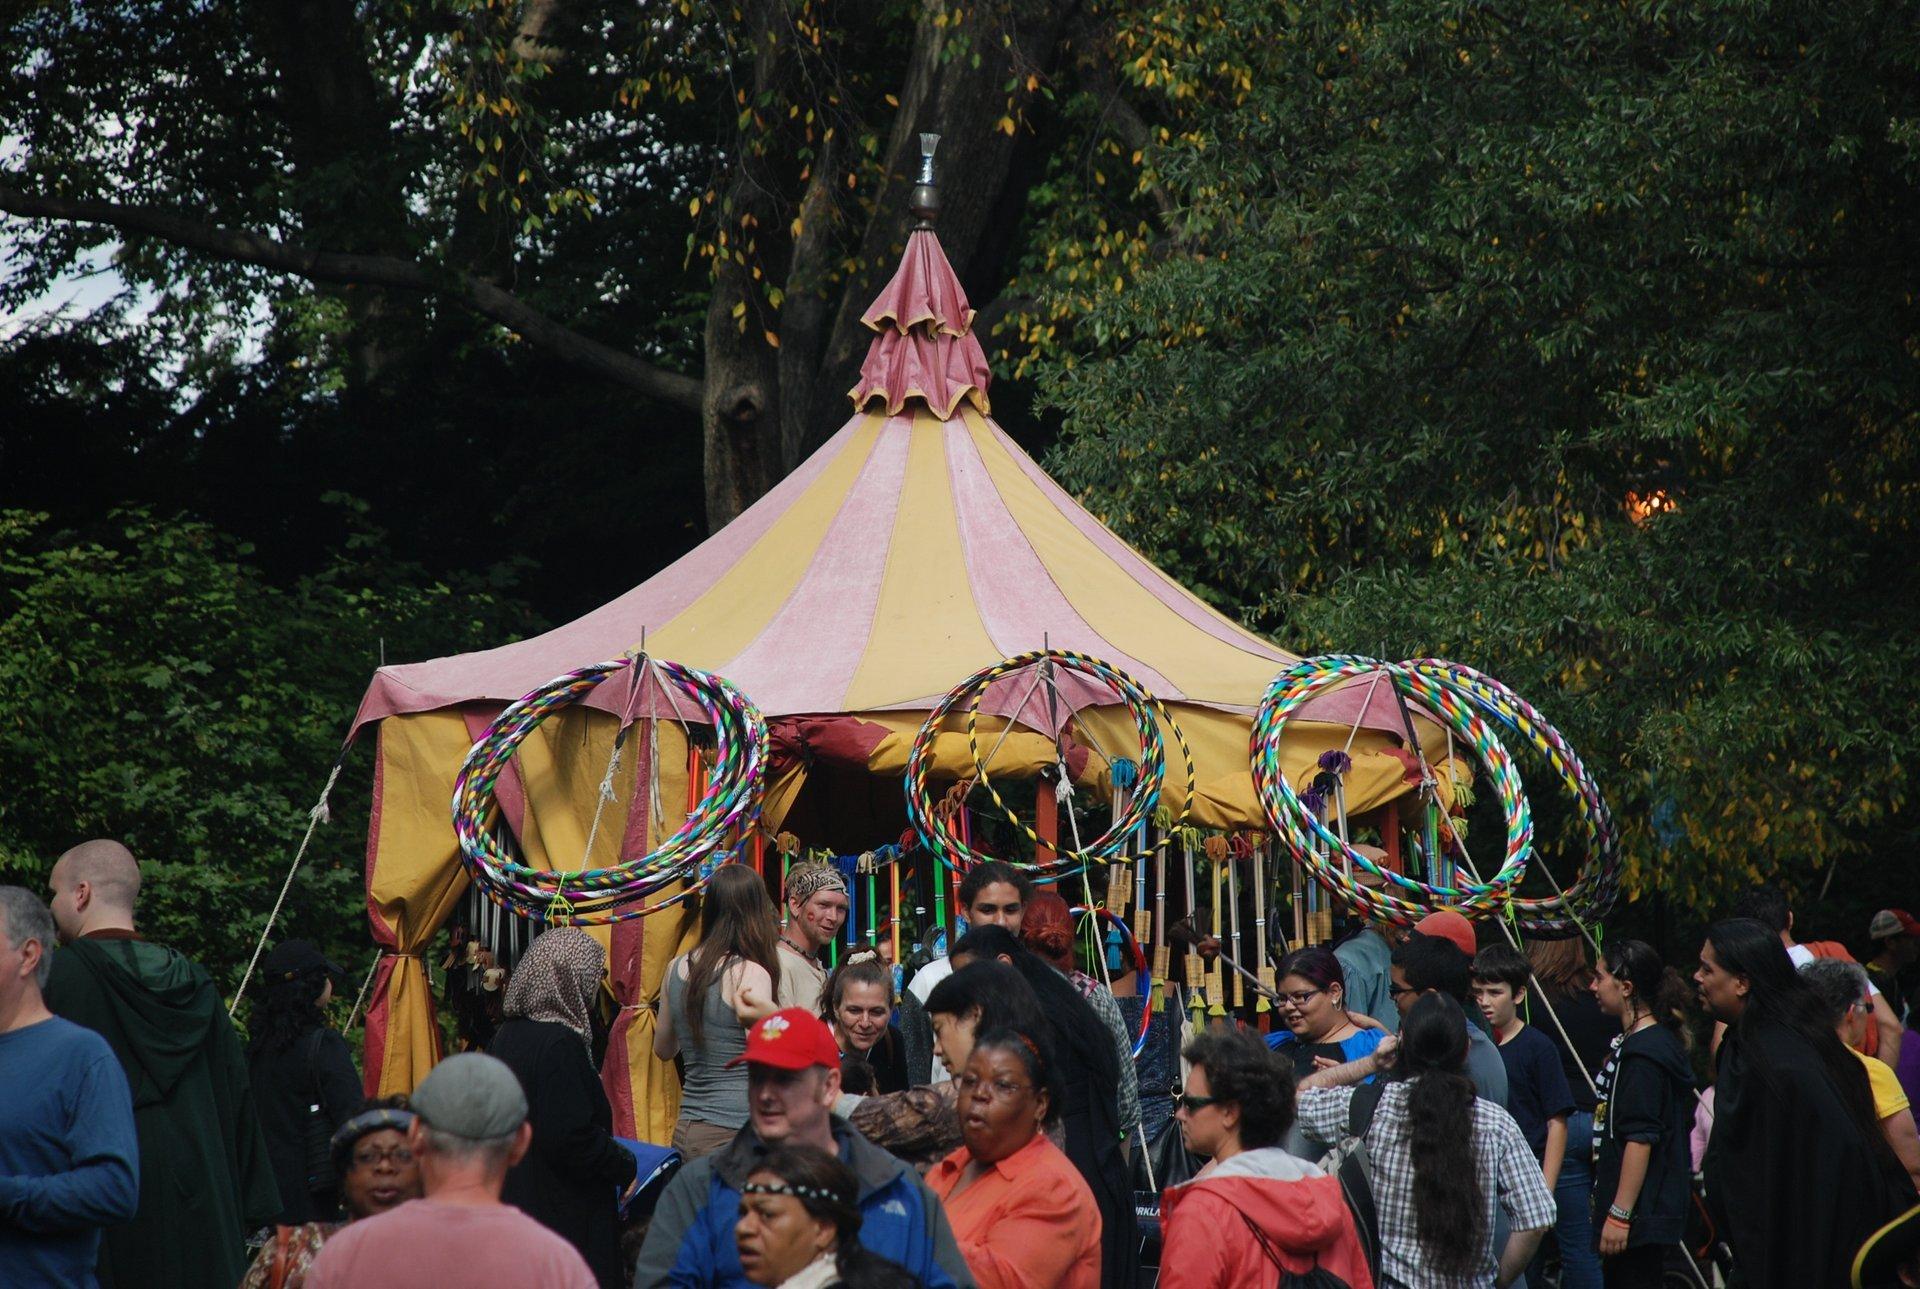 Hula Hoop Tent 2020